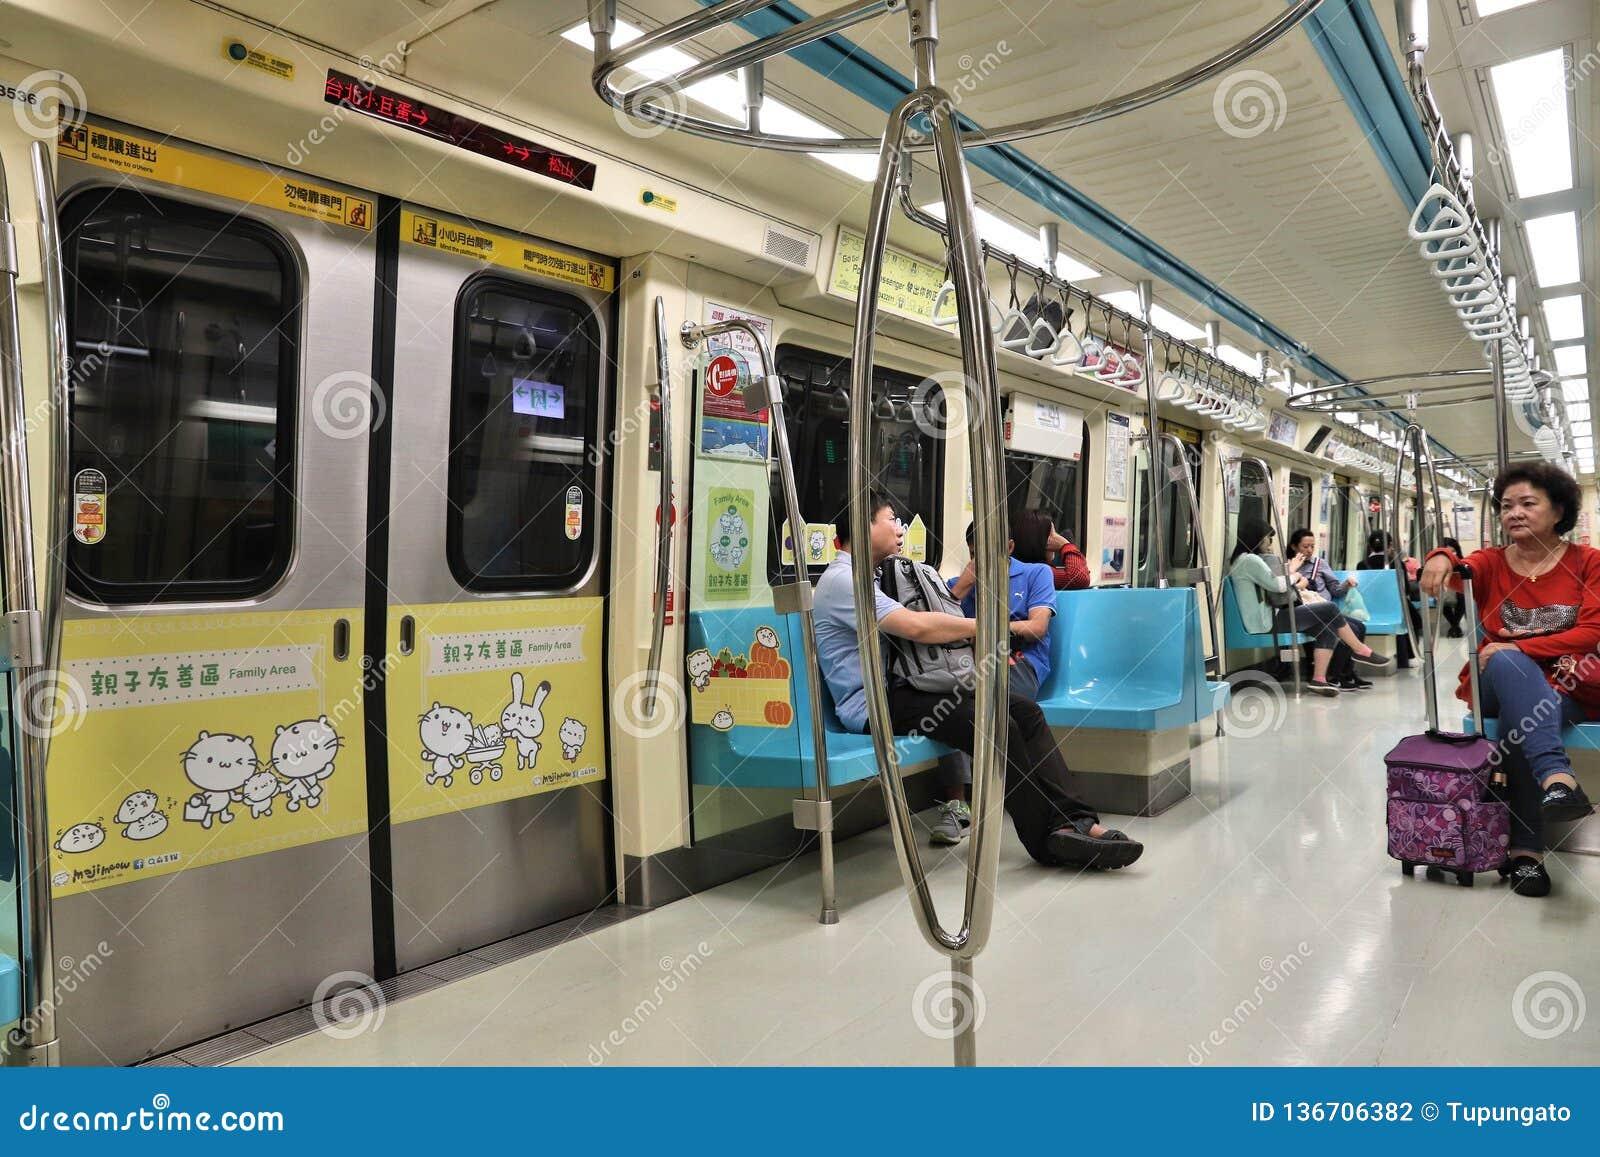 Taipei Metro train editorial photography  Image of